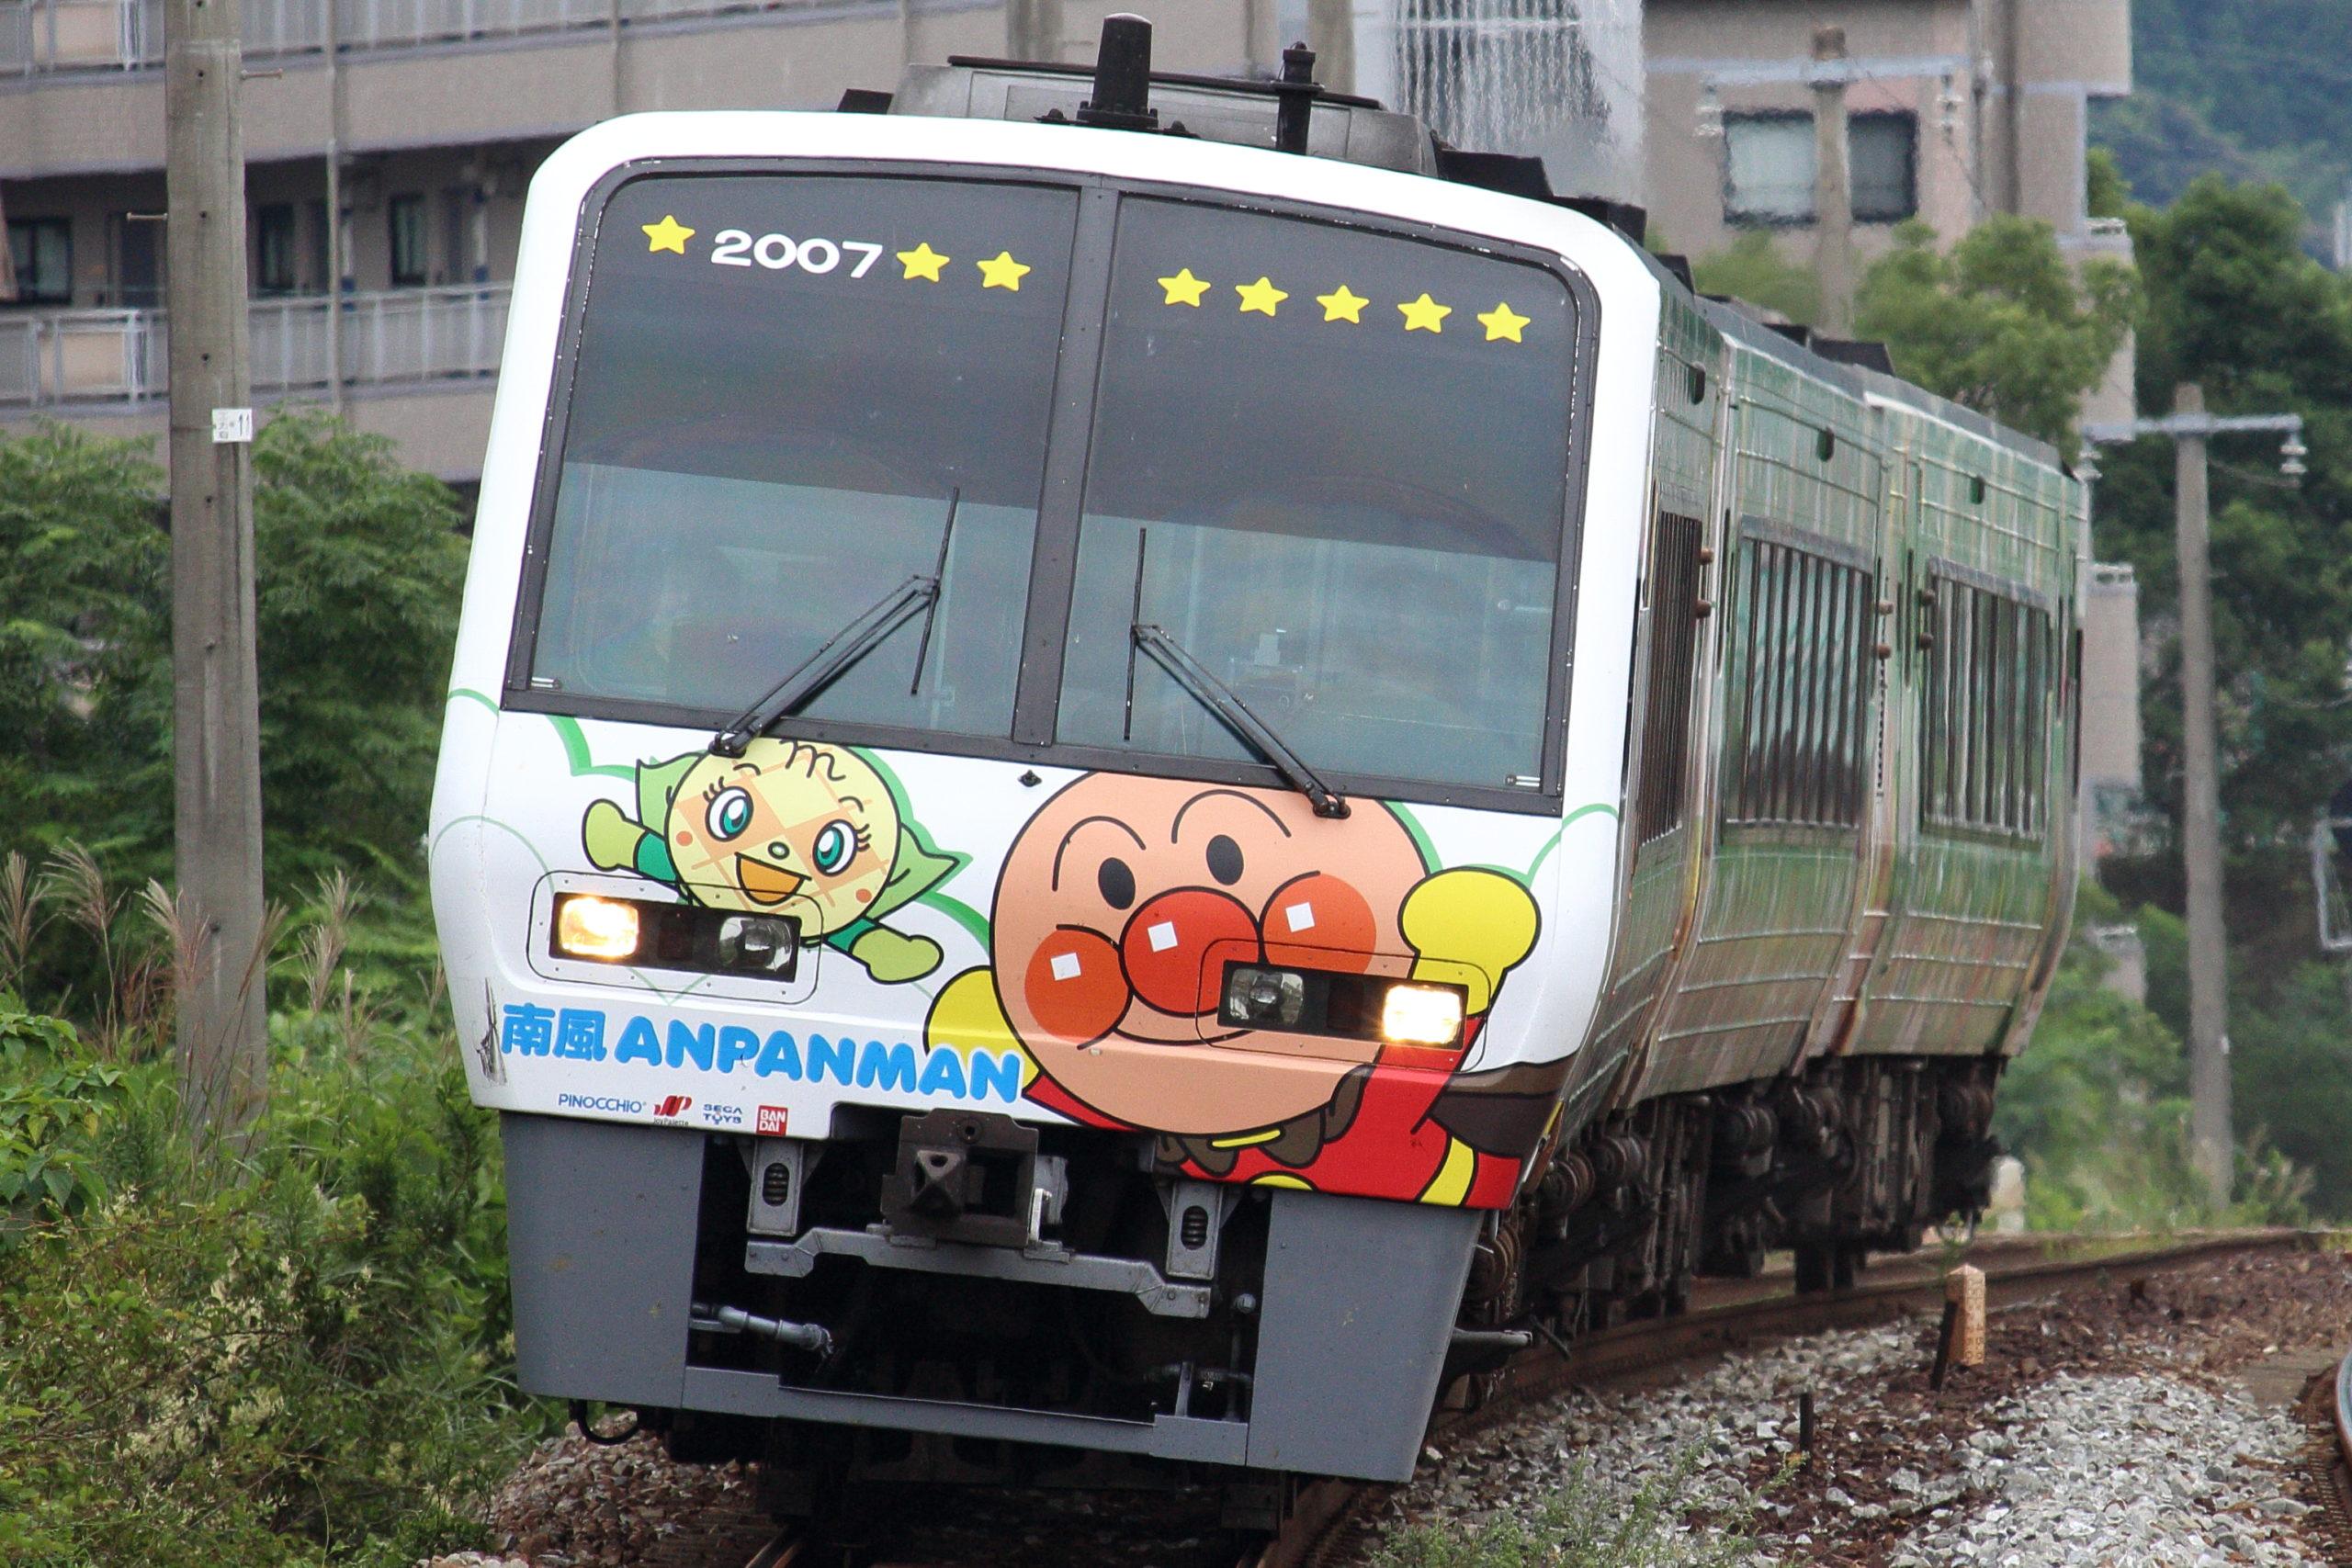 【異例のラストラン増発!】始発前の4時25分発 四国2000系「緑のアンパンマン号」が土讃線高知~多度津間で団体臨時列車として運転